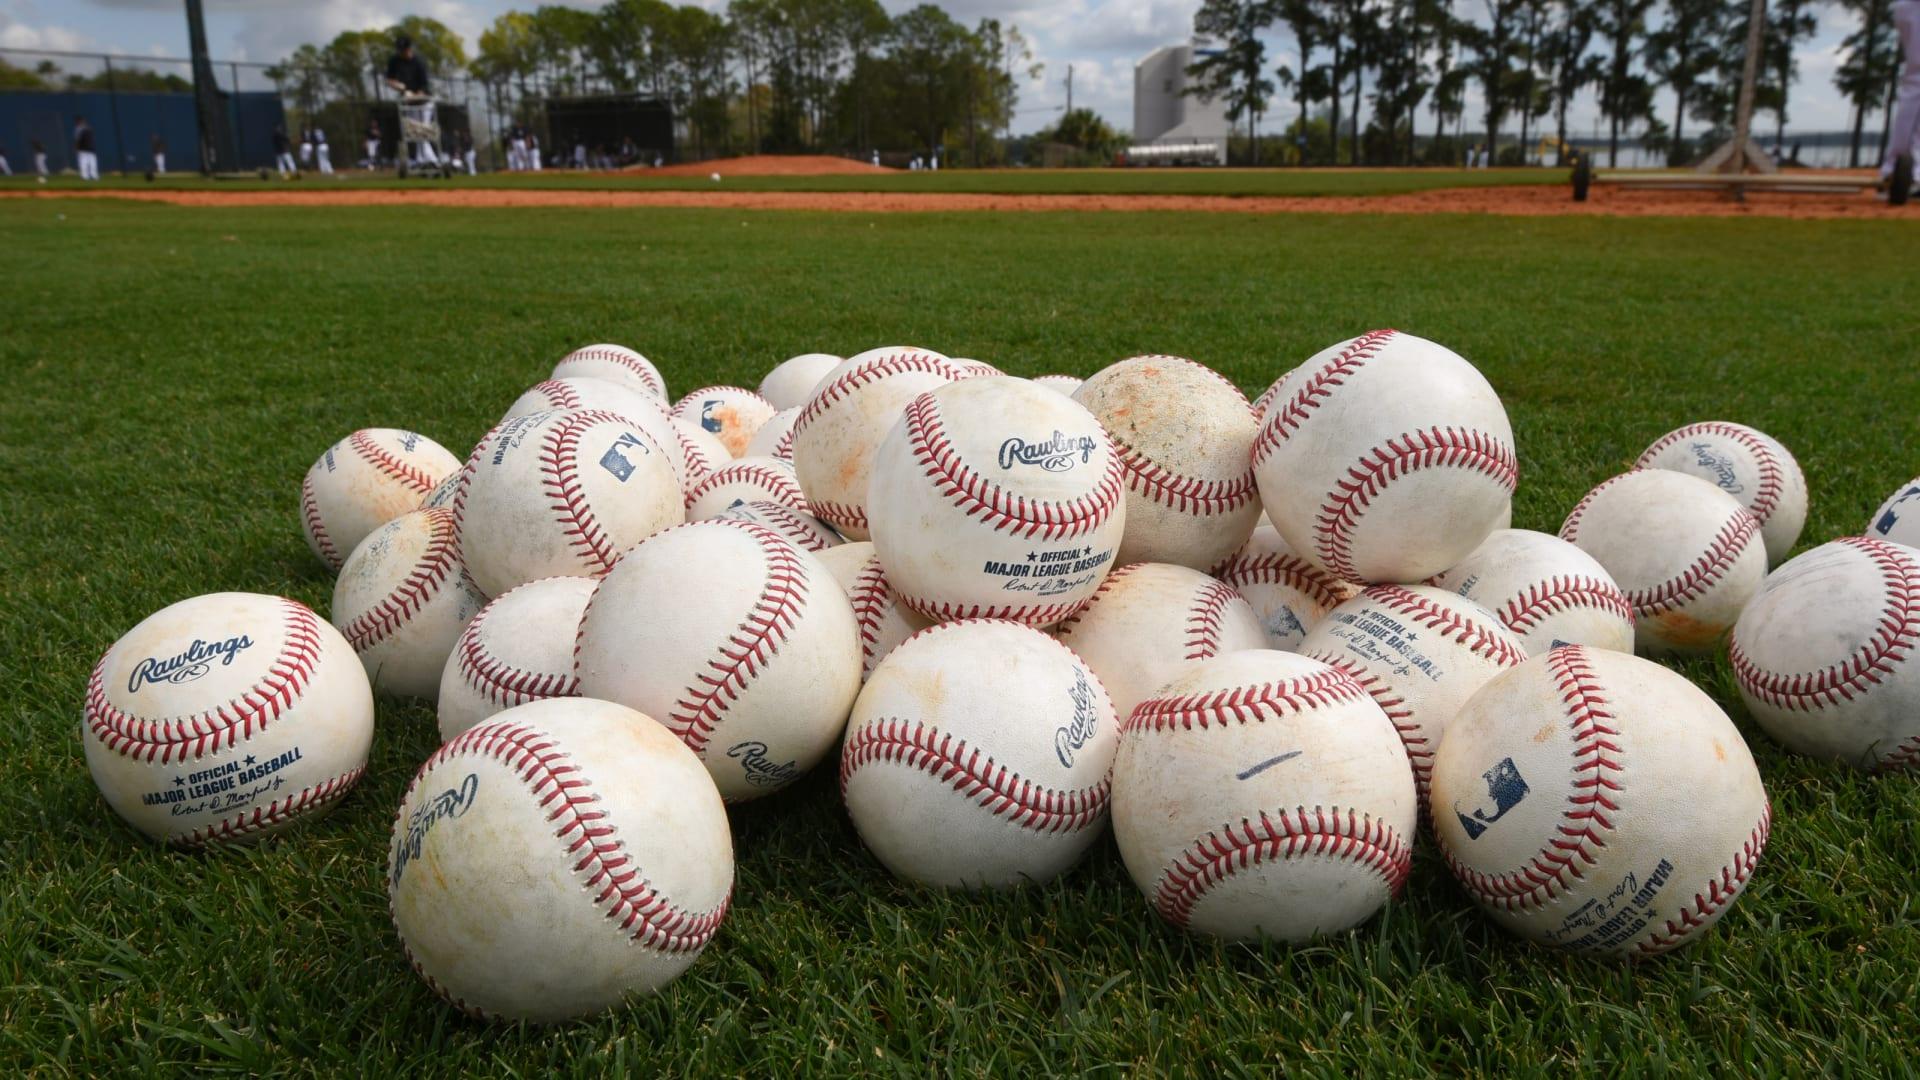 Duke baseball: Bryce Jarvis cracks list as Top-50 MLB Draft prospect